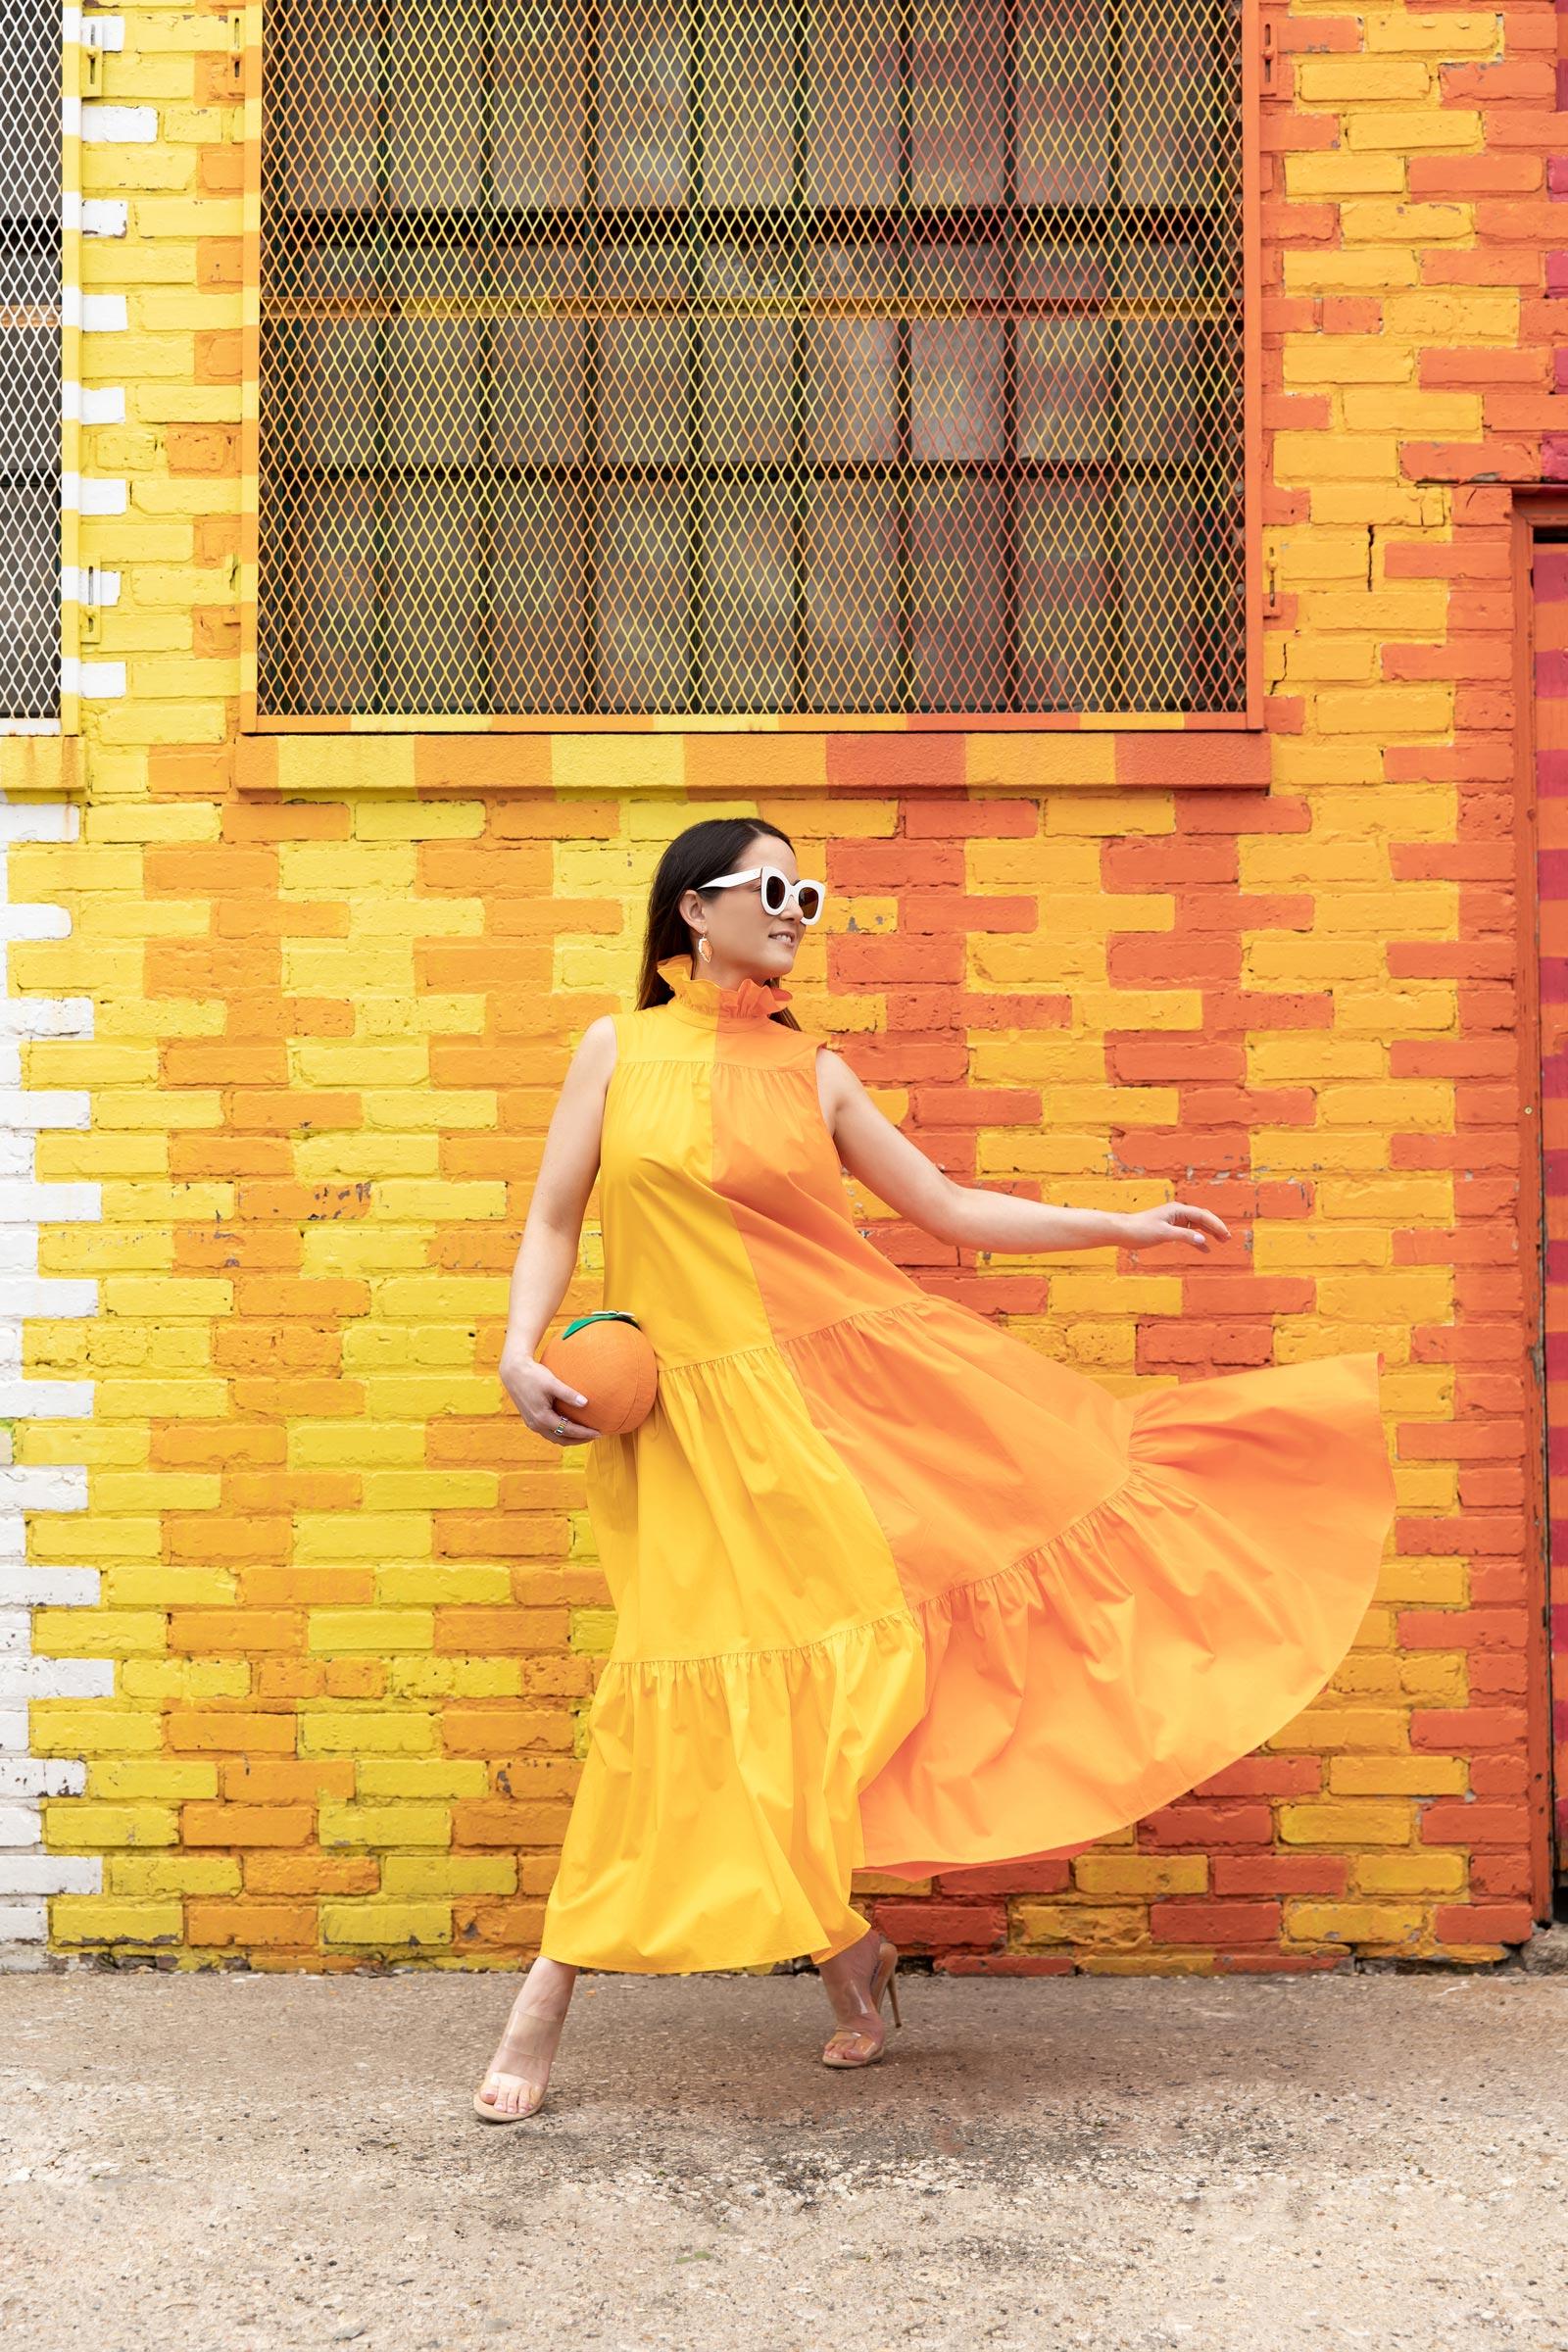 jennifer lake yellow orange dress